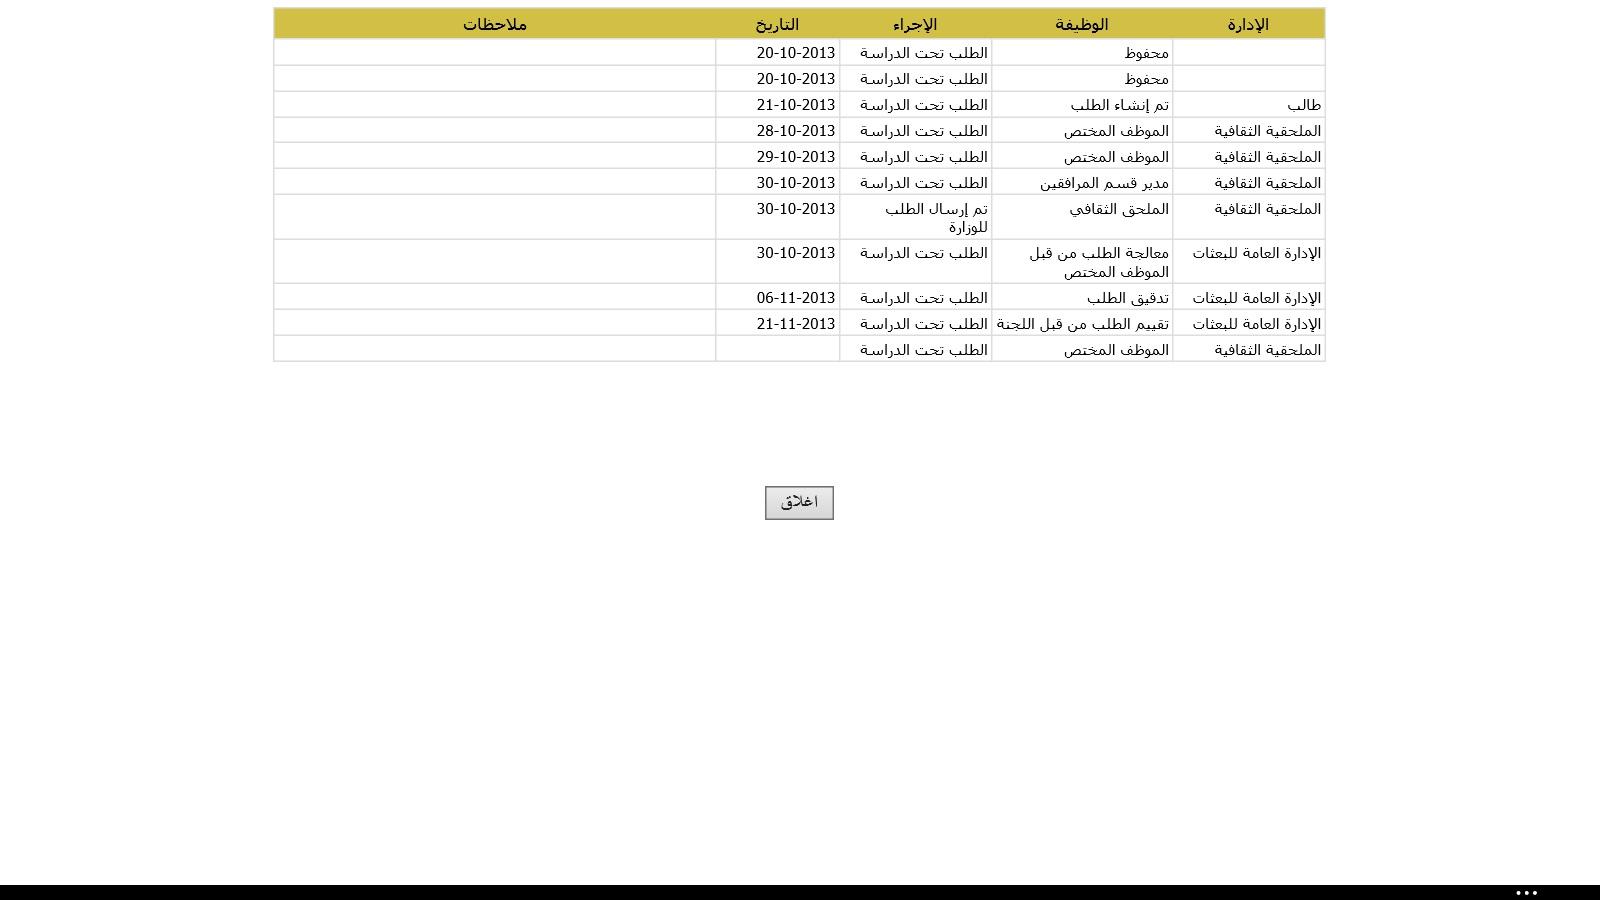 ���� ��� ������ ���� ����  ��������:Screenshot (4).jpg ���������:88 ��������:130.0 �������� �����:29105